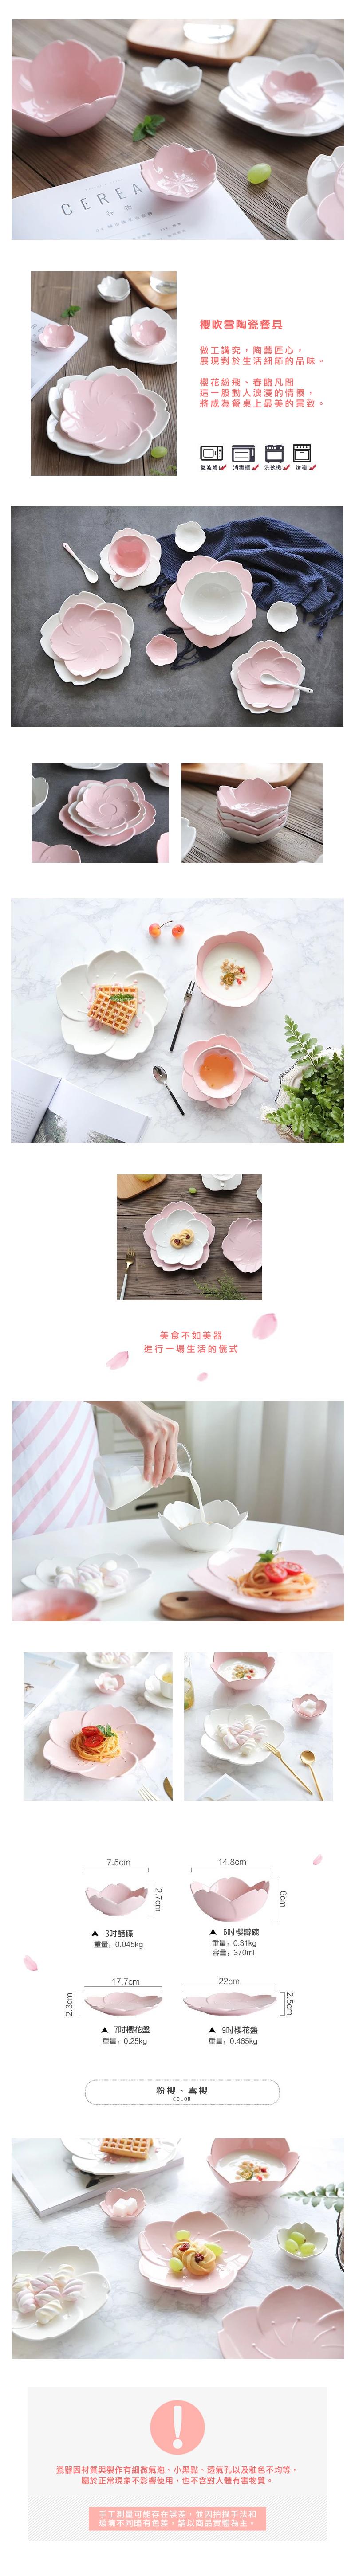 櫻花陶瓷餐具